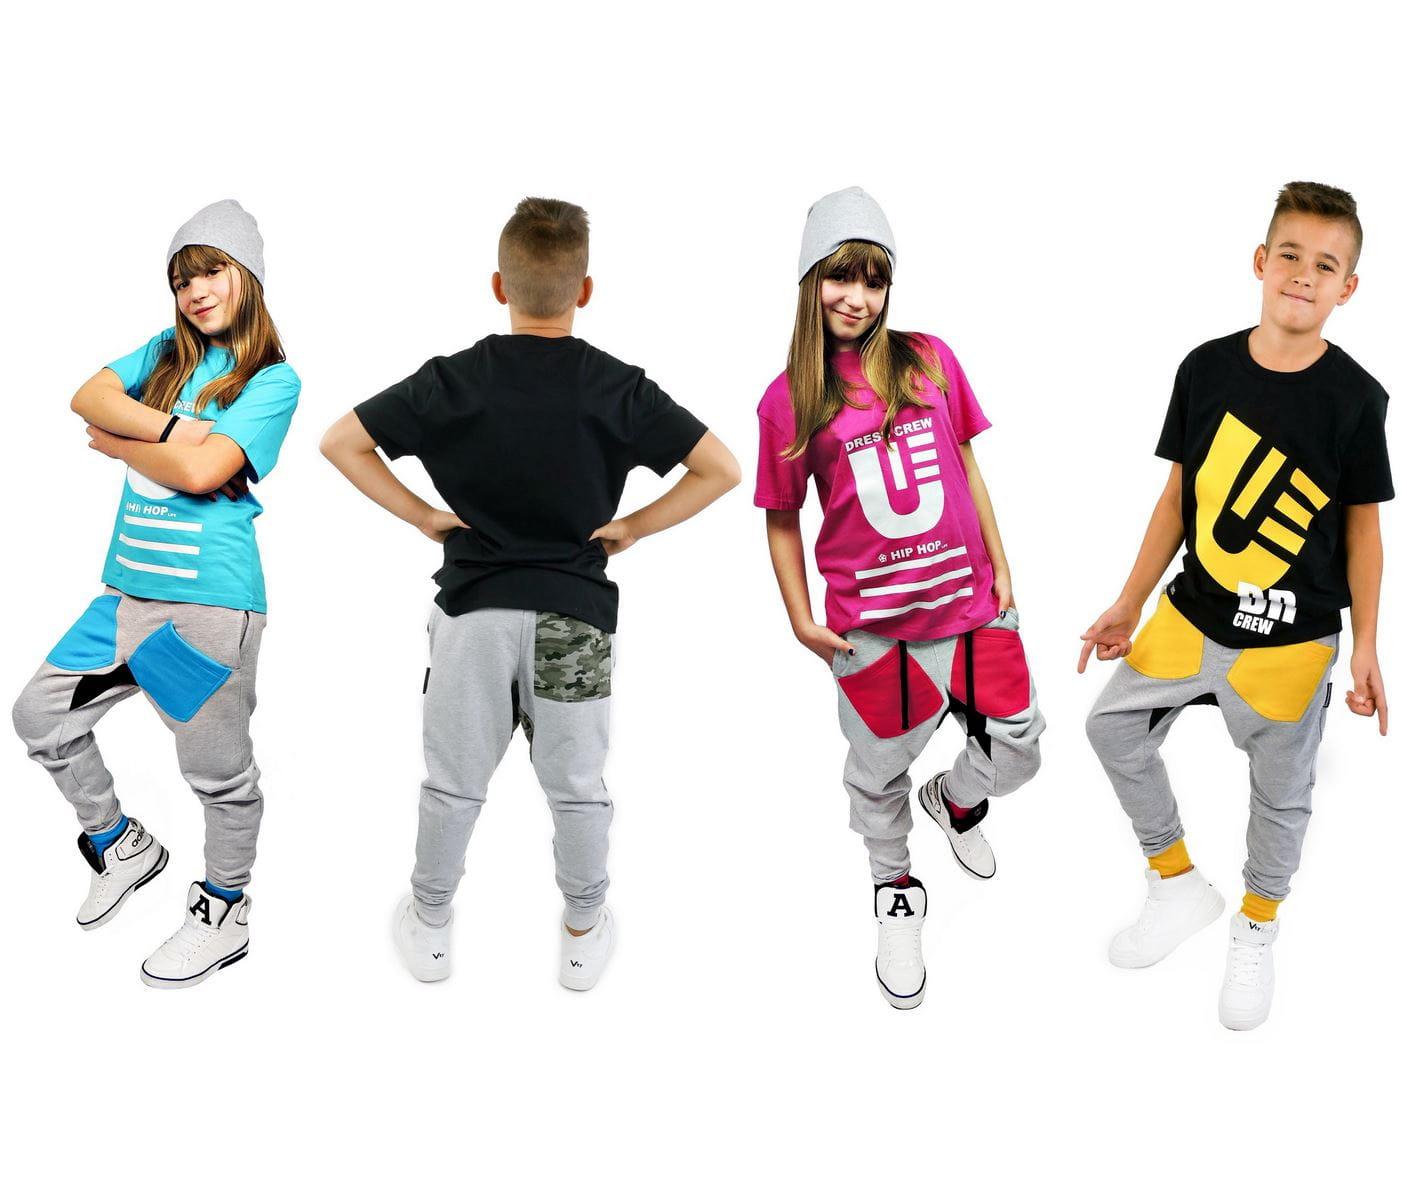 Ubieramyekipy Pl Polska Marka Odziezowa Street Wear Spodnie Dresowe Bluzy T Shirt Koszulki Czapki Odziez Do Tanca Hip Hop Street Dance